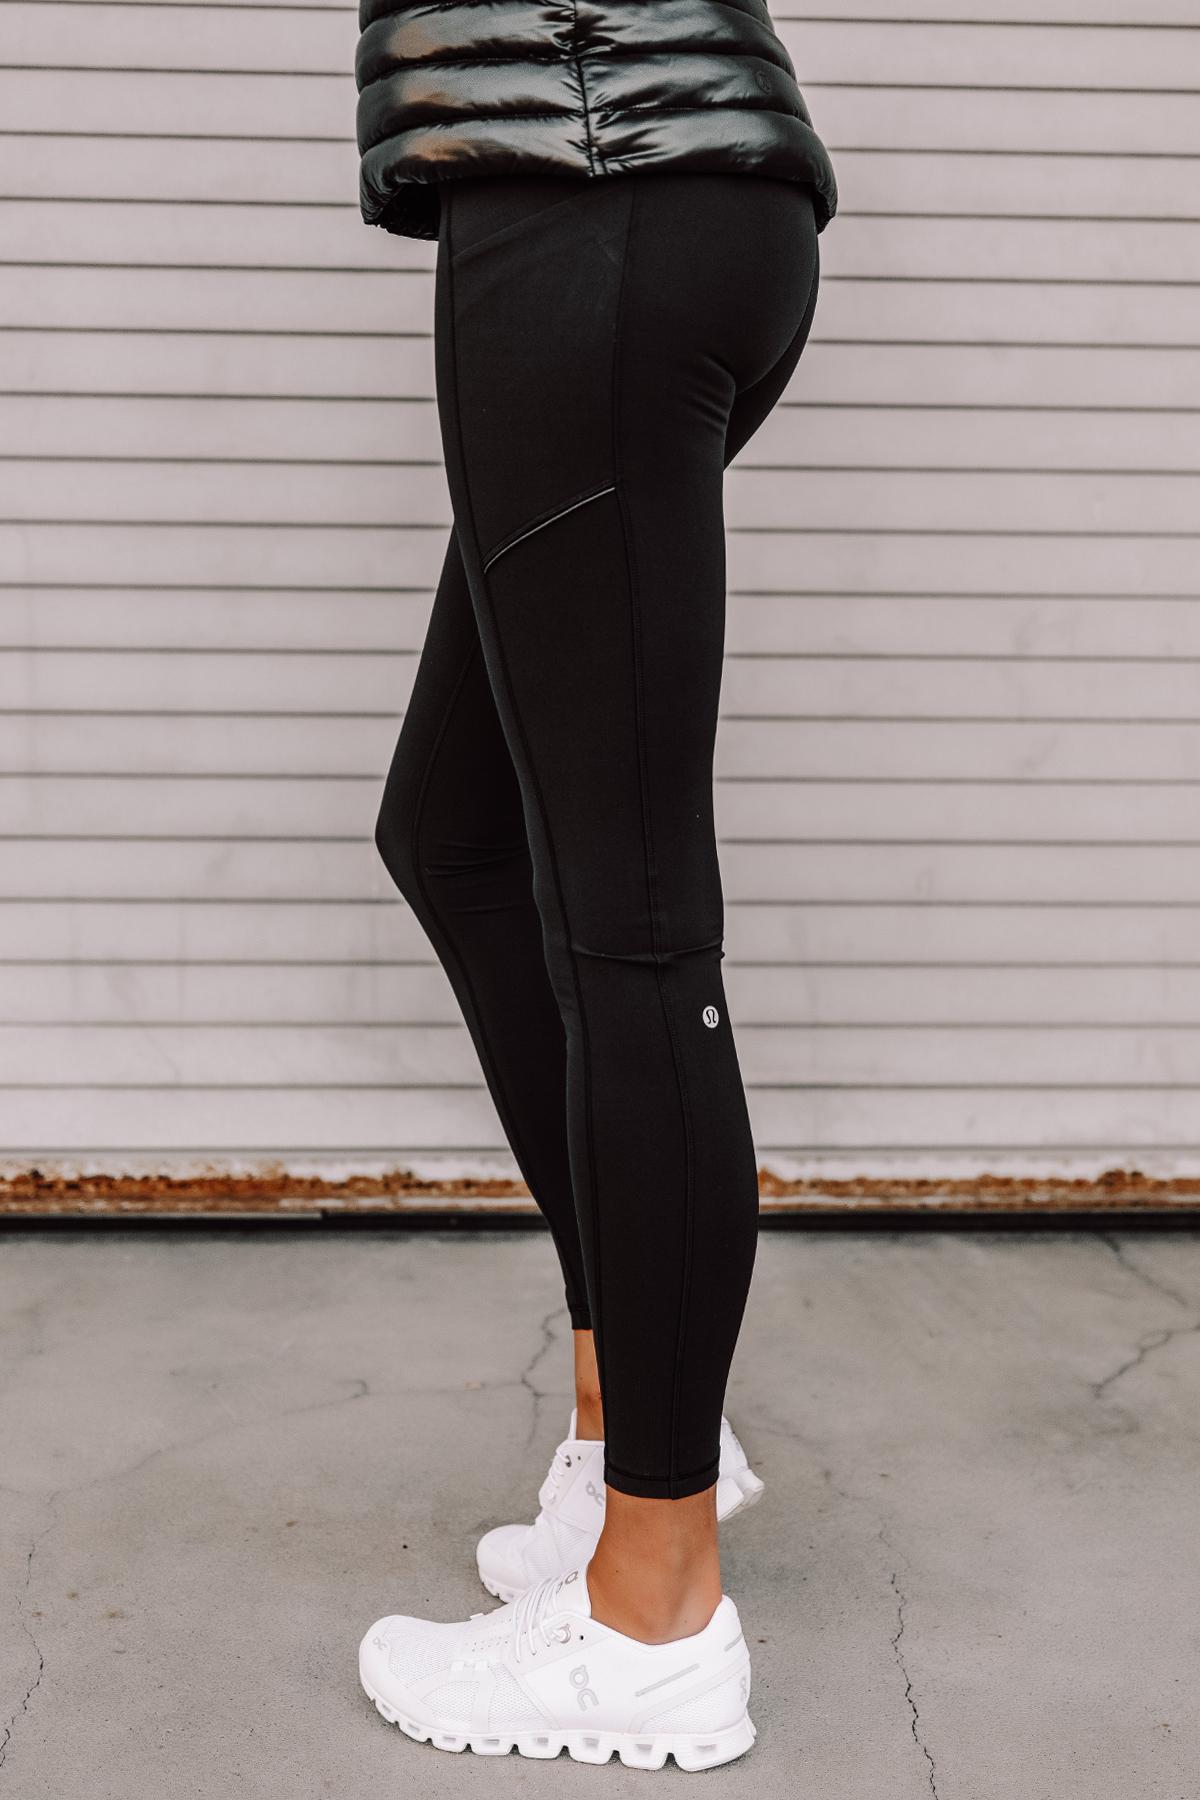 Fashion Jackson Wearing lululemon Speed Up Leggings